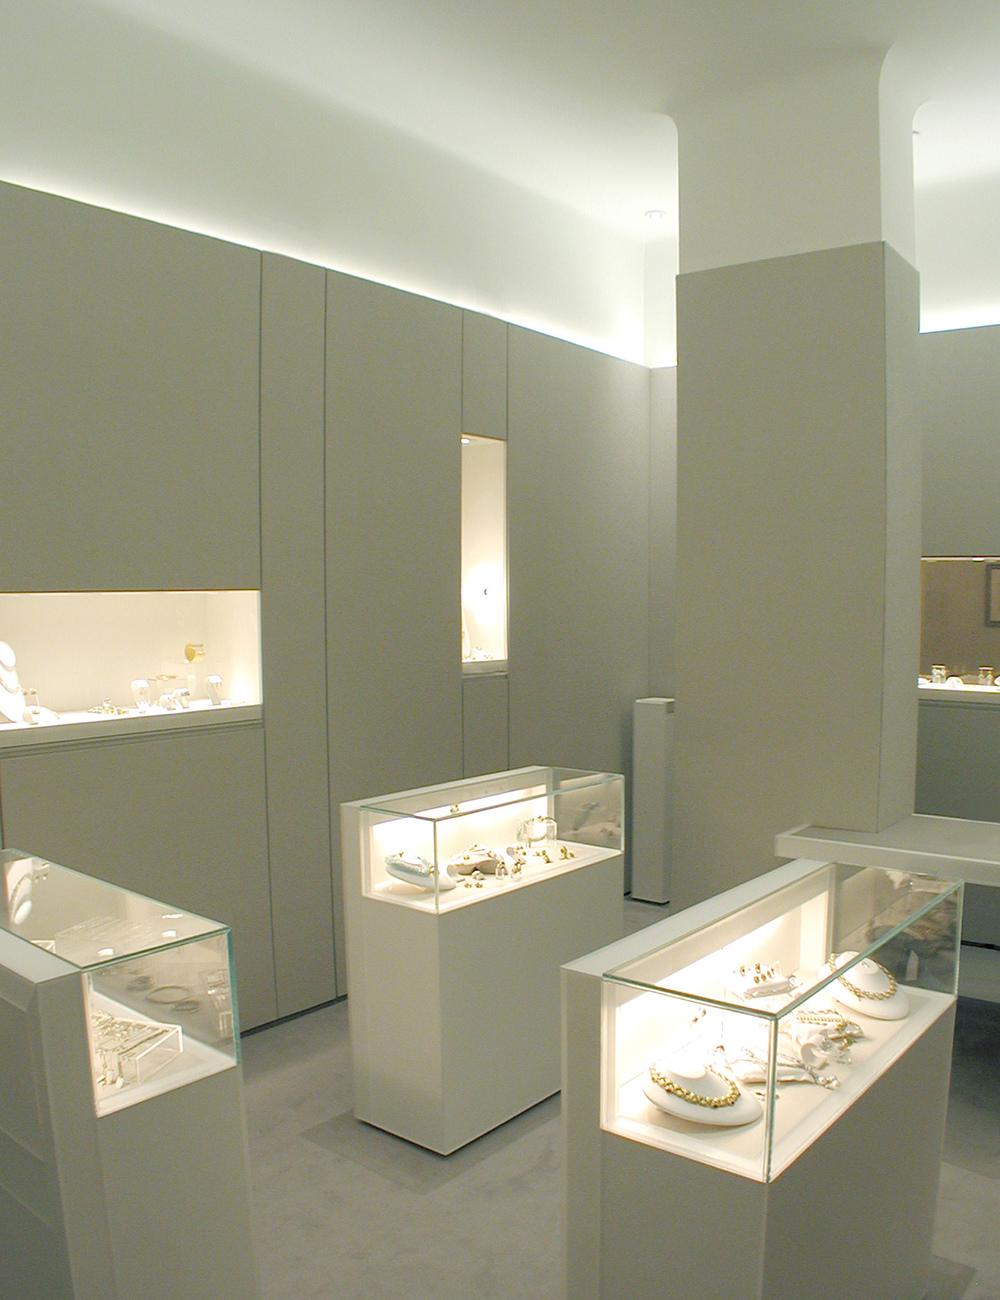 05 showroom.jpg